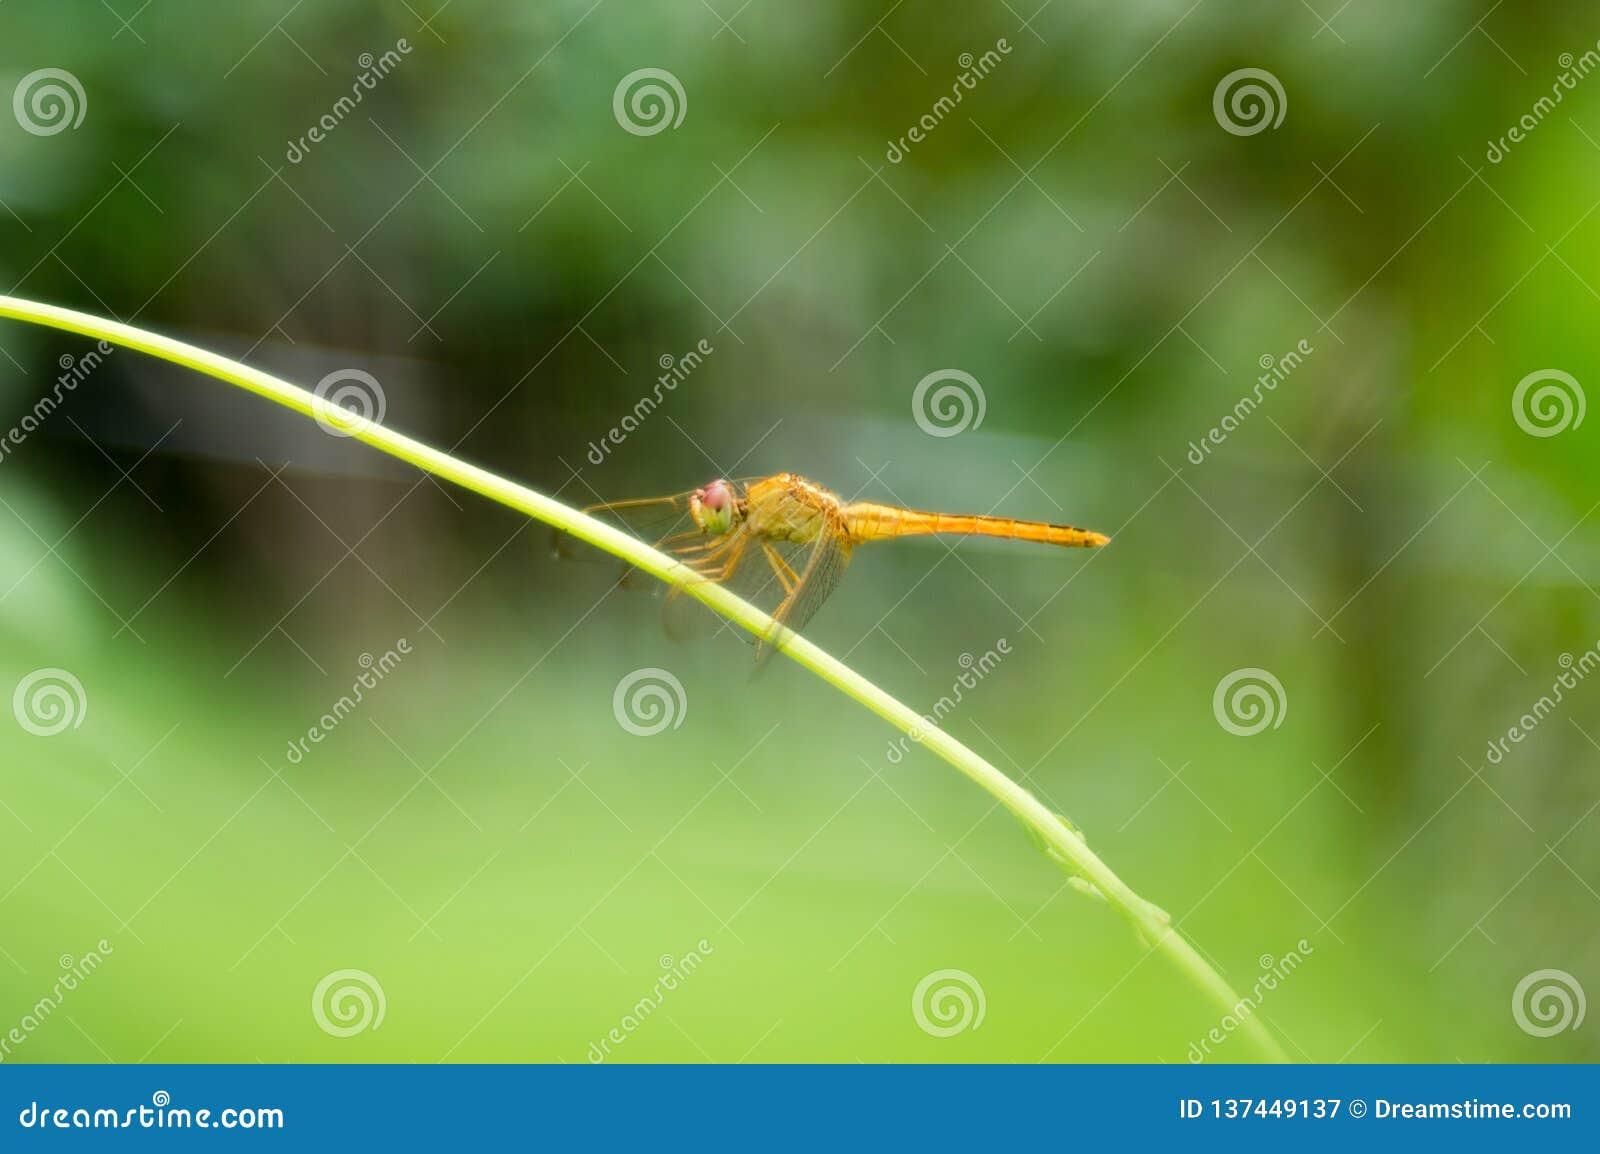 在腺secium的edule的一只黄色蜻蜓